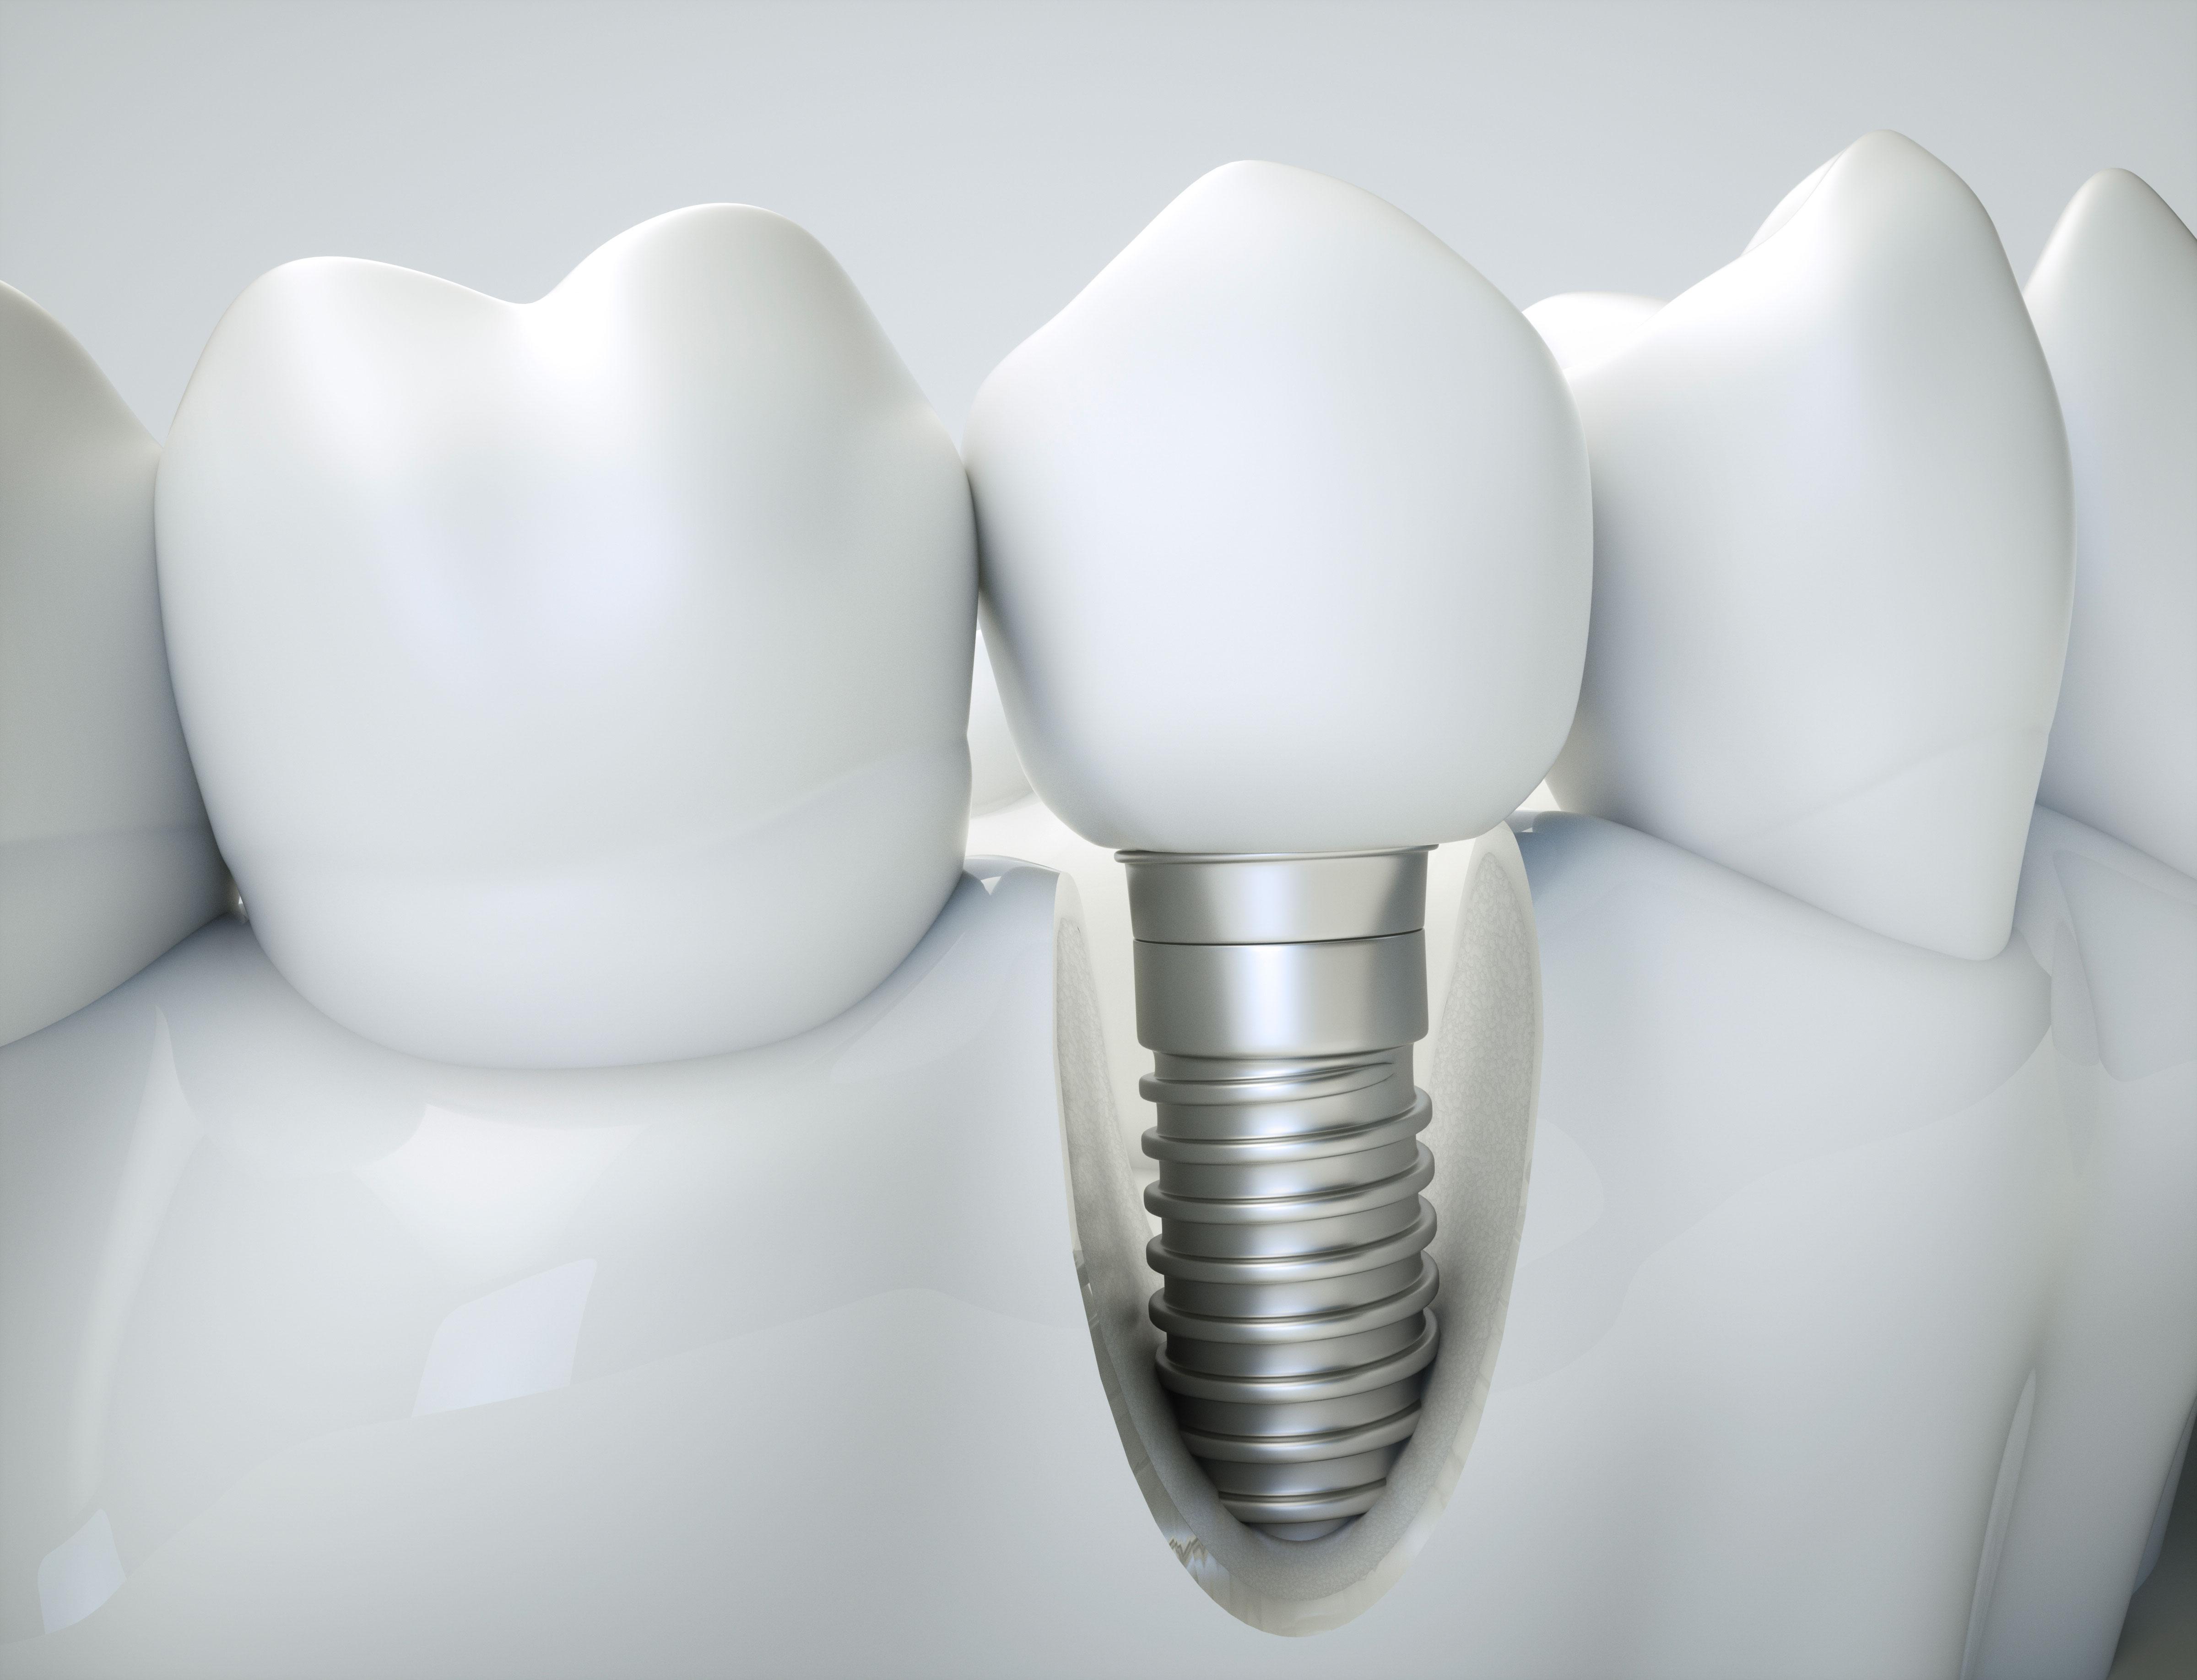 Impianti dentali elettrosaldati a Brescia